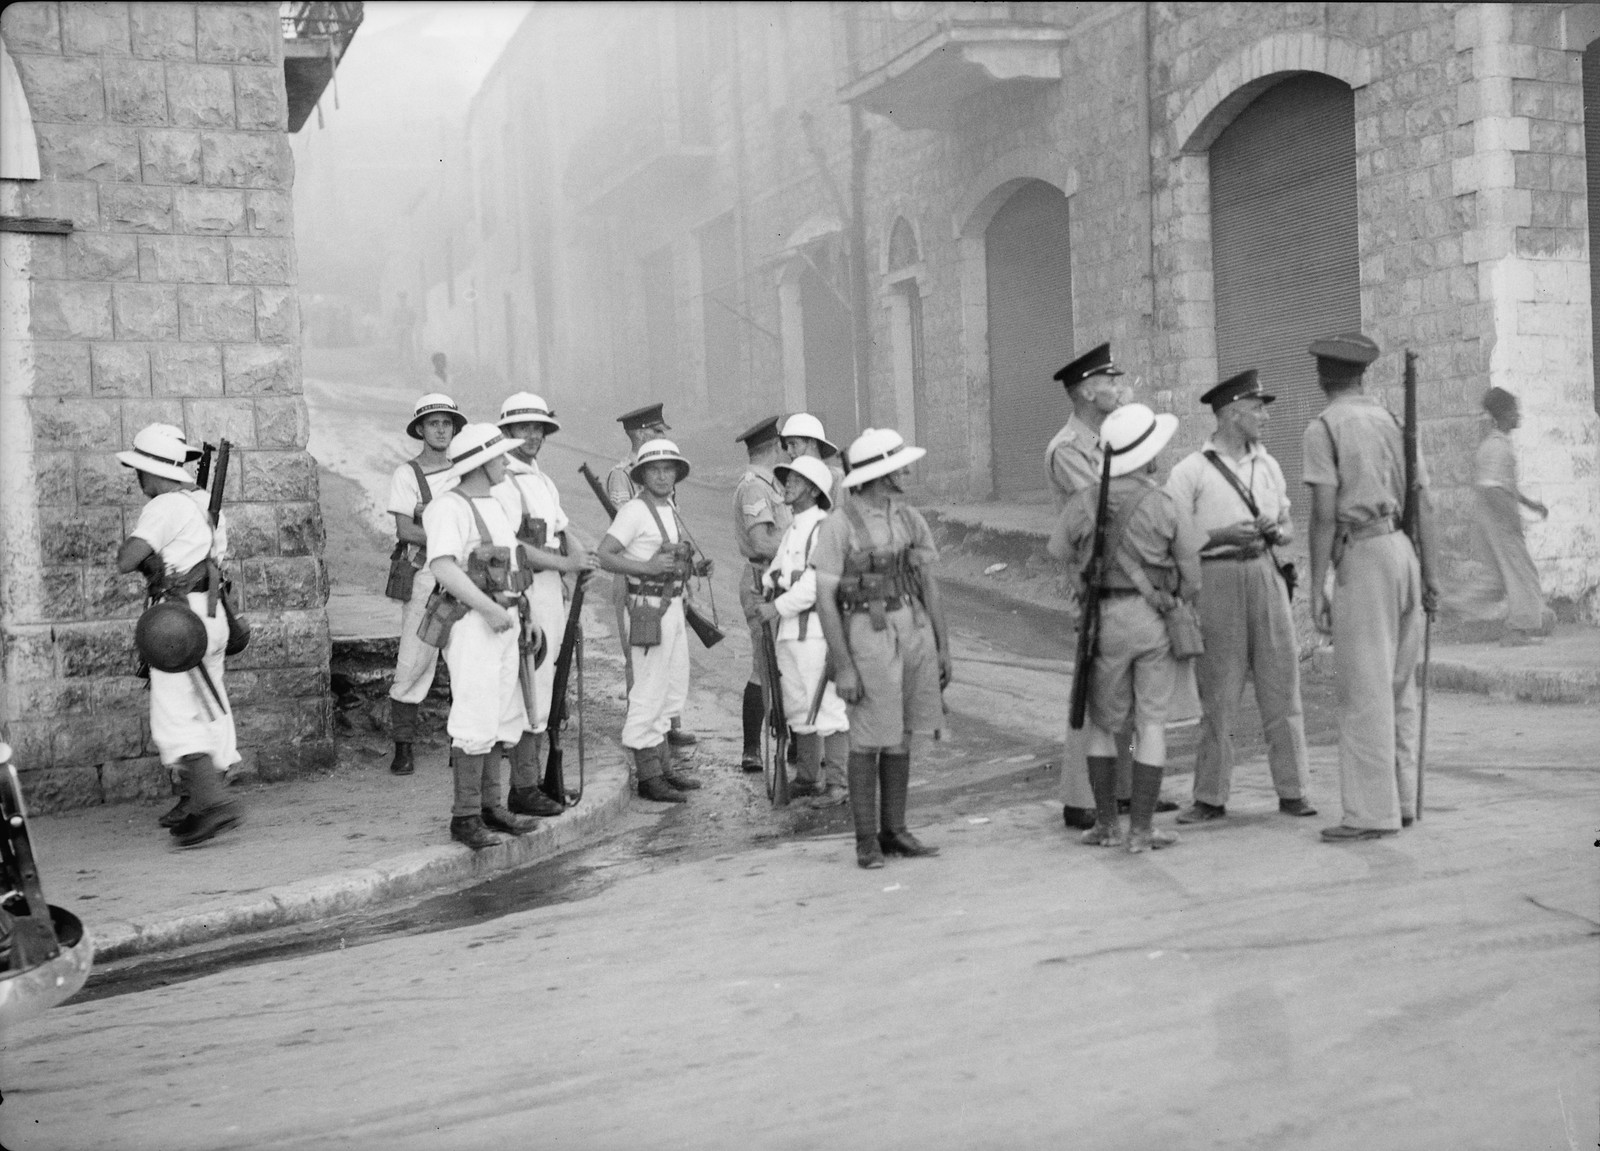 05. Британские морские пехотинцы и полиция HMS контролируют улицы Хайфы во время арабского мятежа